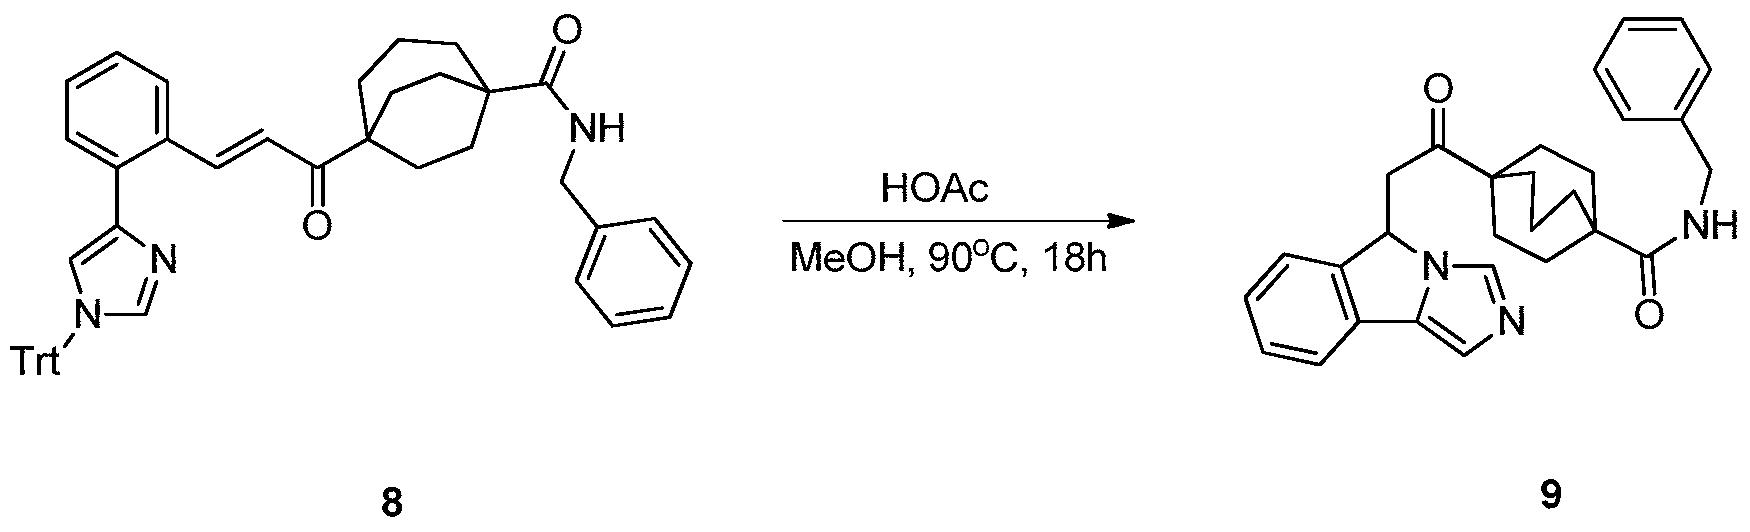 Figure PCTCN2017084604-appb-000117